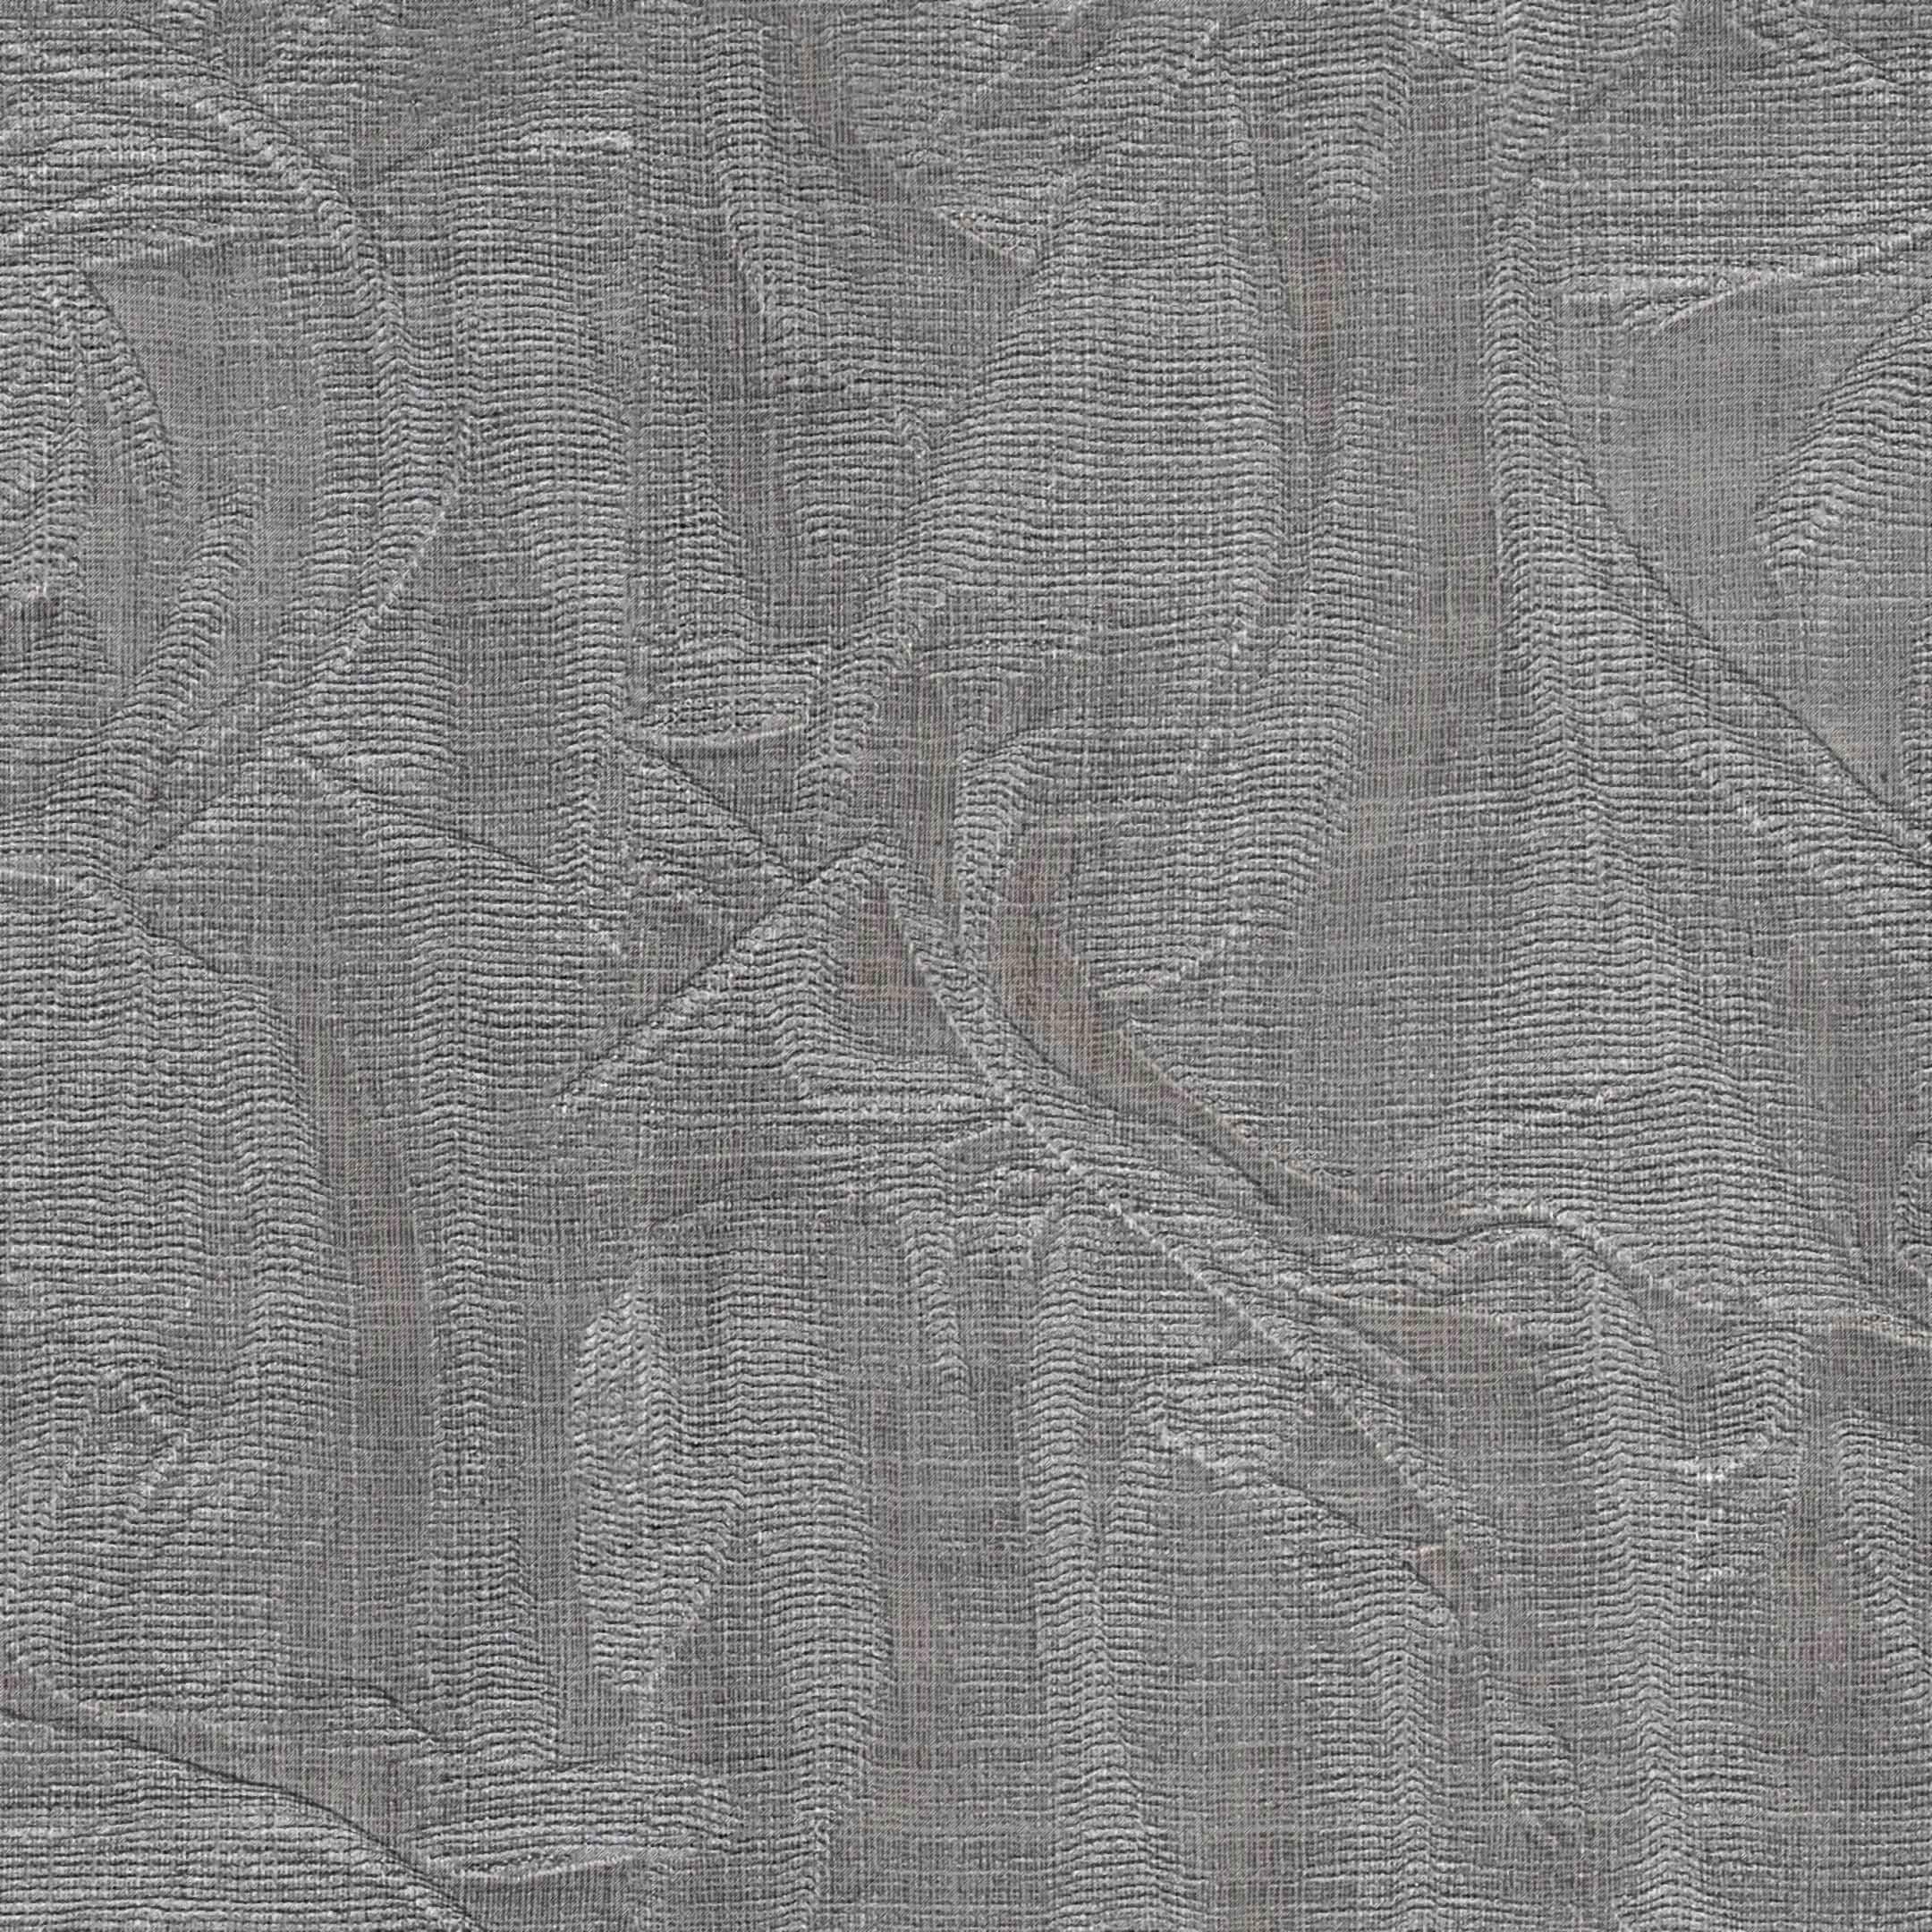 Обои виниловые на флизелиновой основе Zambaiti Murella Moda M53016 (1,06х10,05 м) стоимость